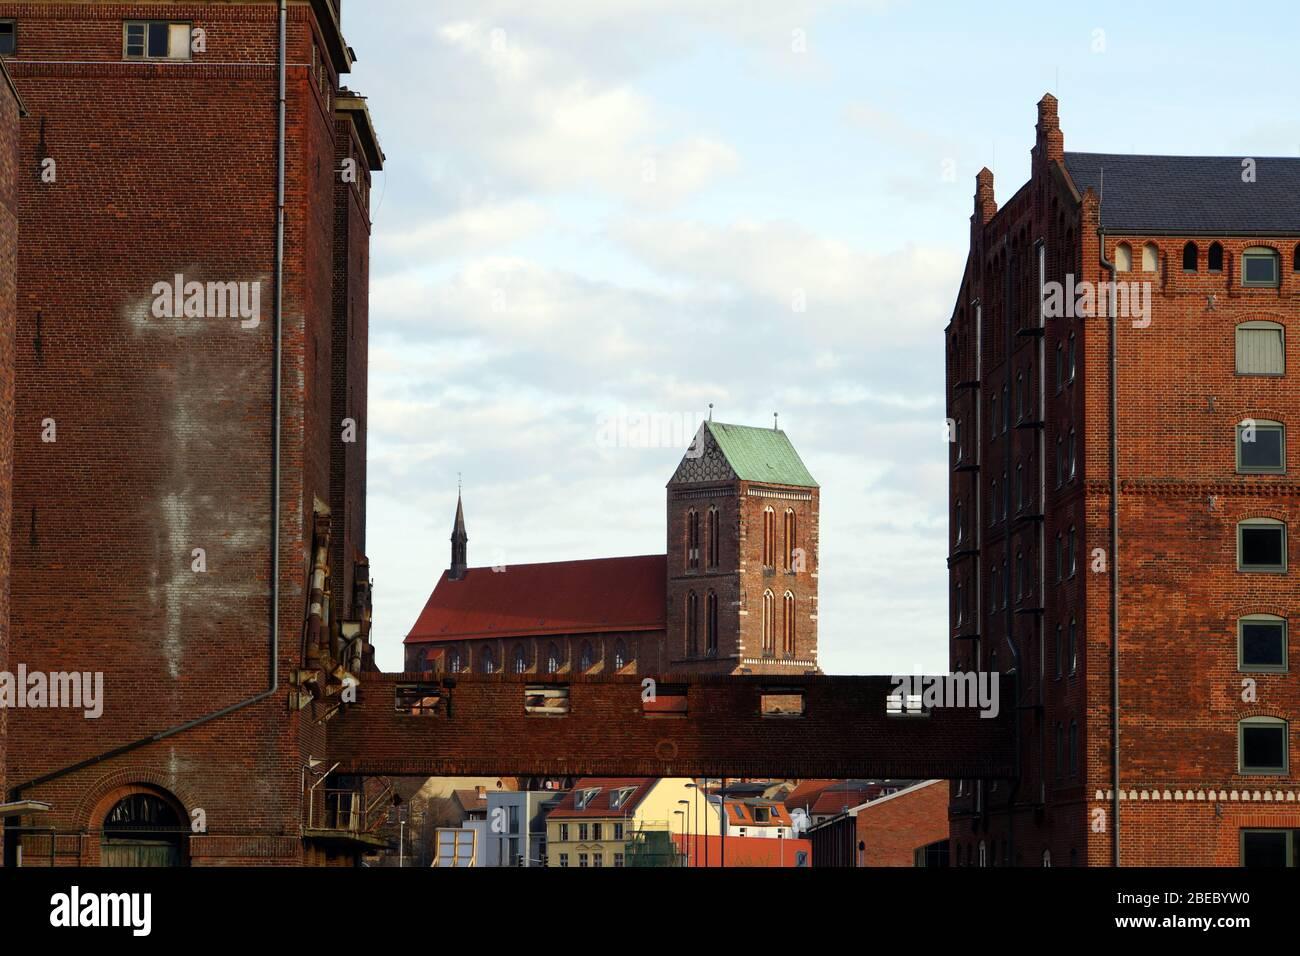 ehemalige Lagerhäuser im alten Hafen, Wismar, Mecklenburg-Vorpommern, Deutschland Stock Photo